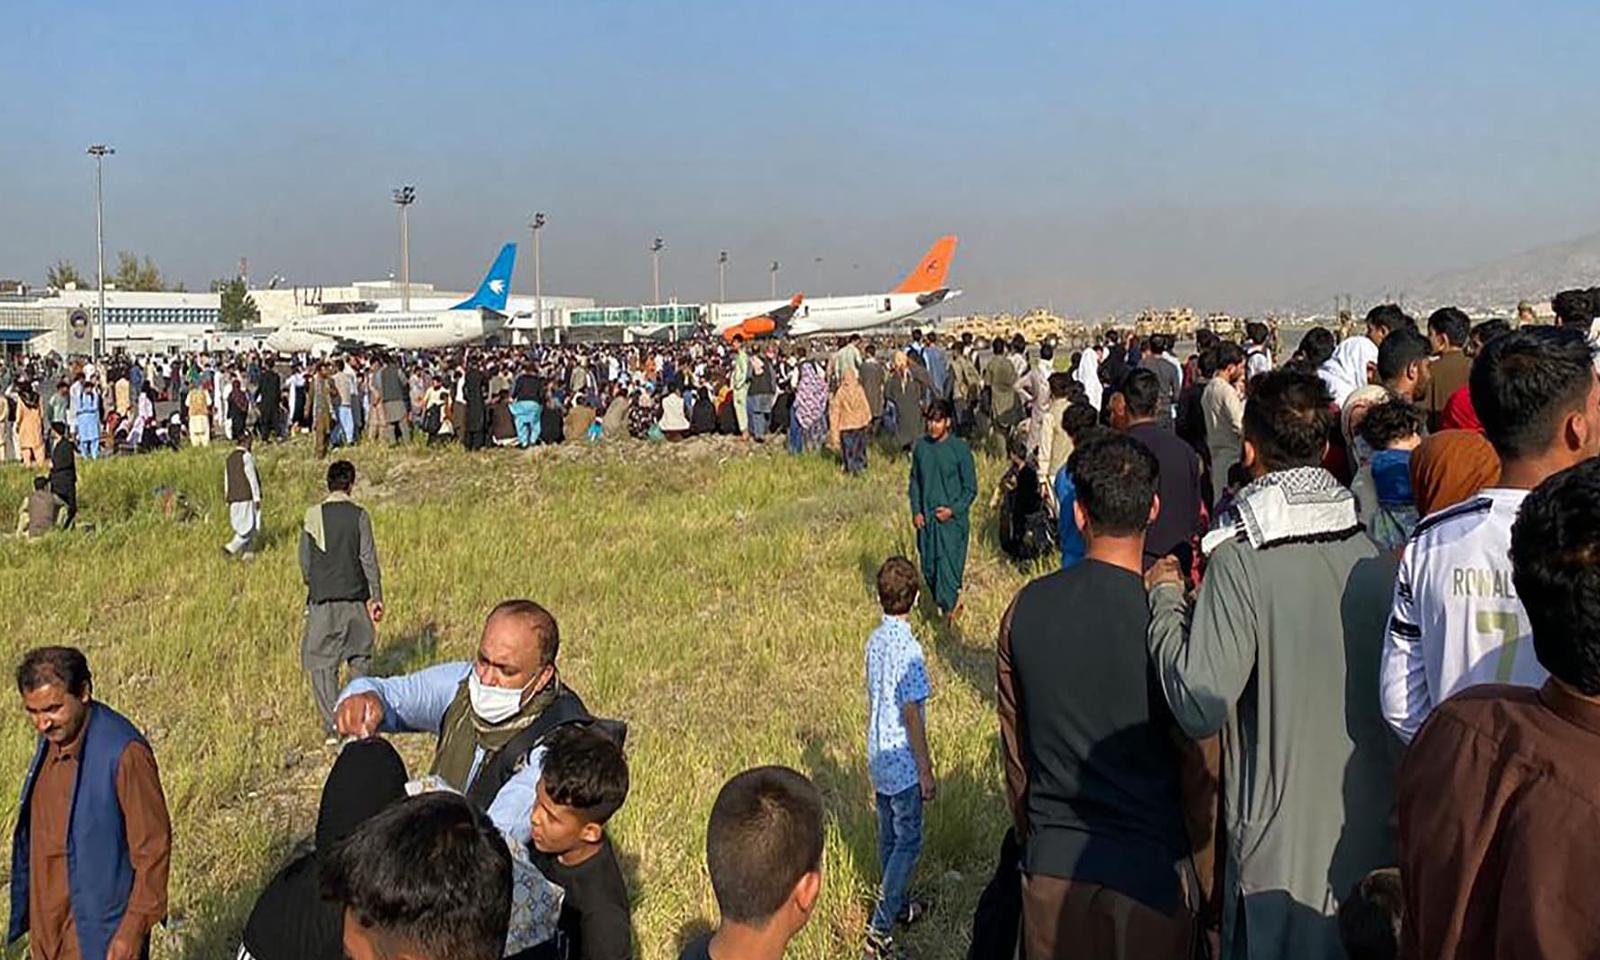 طالبان کے قبضے کے بعد ملک سے باہر جانے کے خواہشمند افغان شہری کابل ایئرپورٹ پر جمع ہیں— فوٹو:اے ایف پی